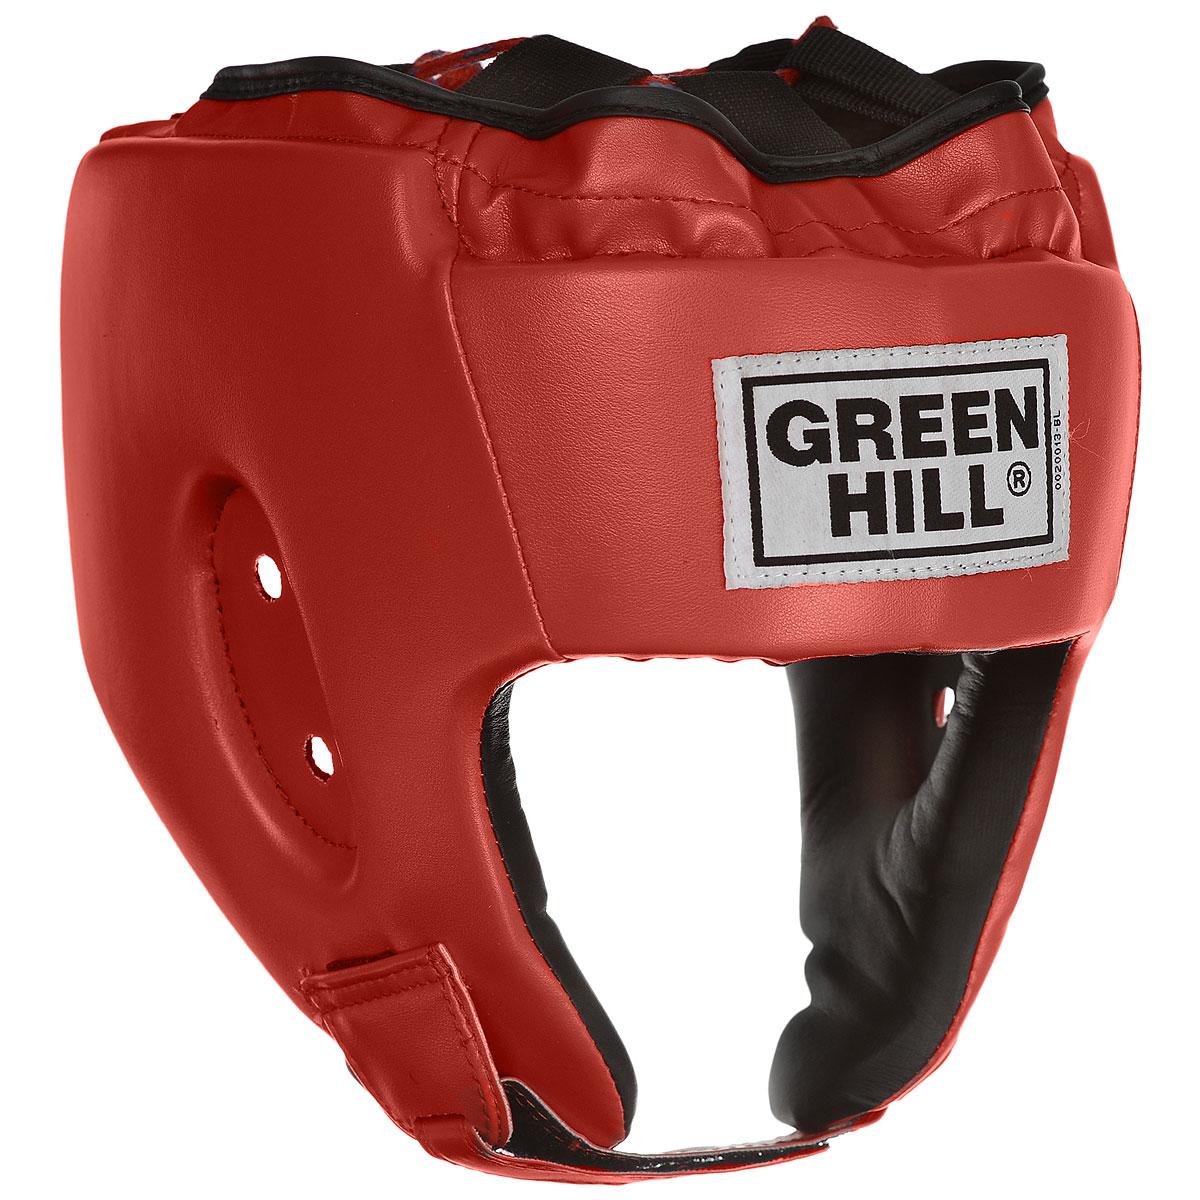 Шлем боксерский Green Hill Alfa, цвет: красный. Размер XL (61-63 см) цена